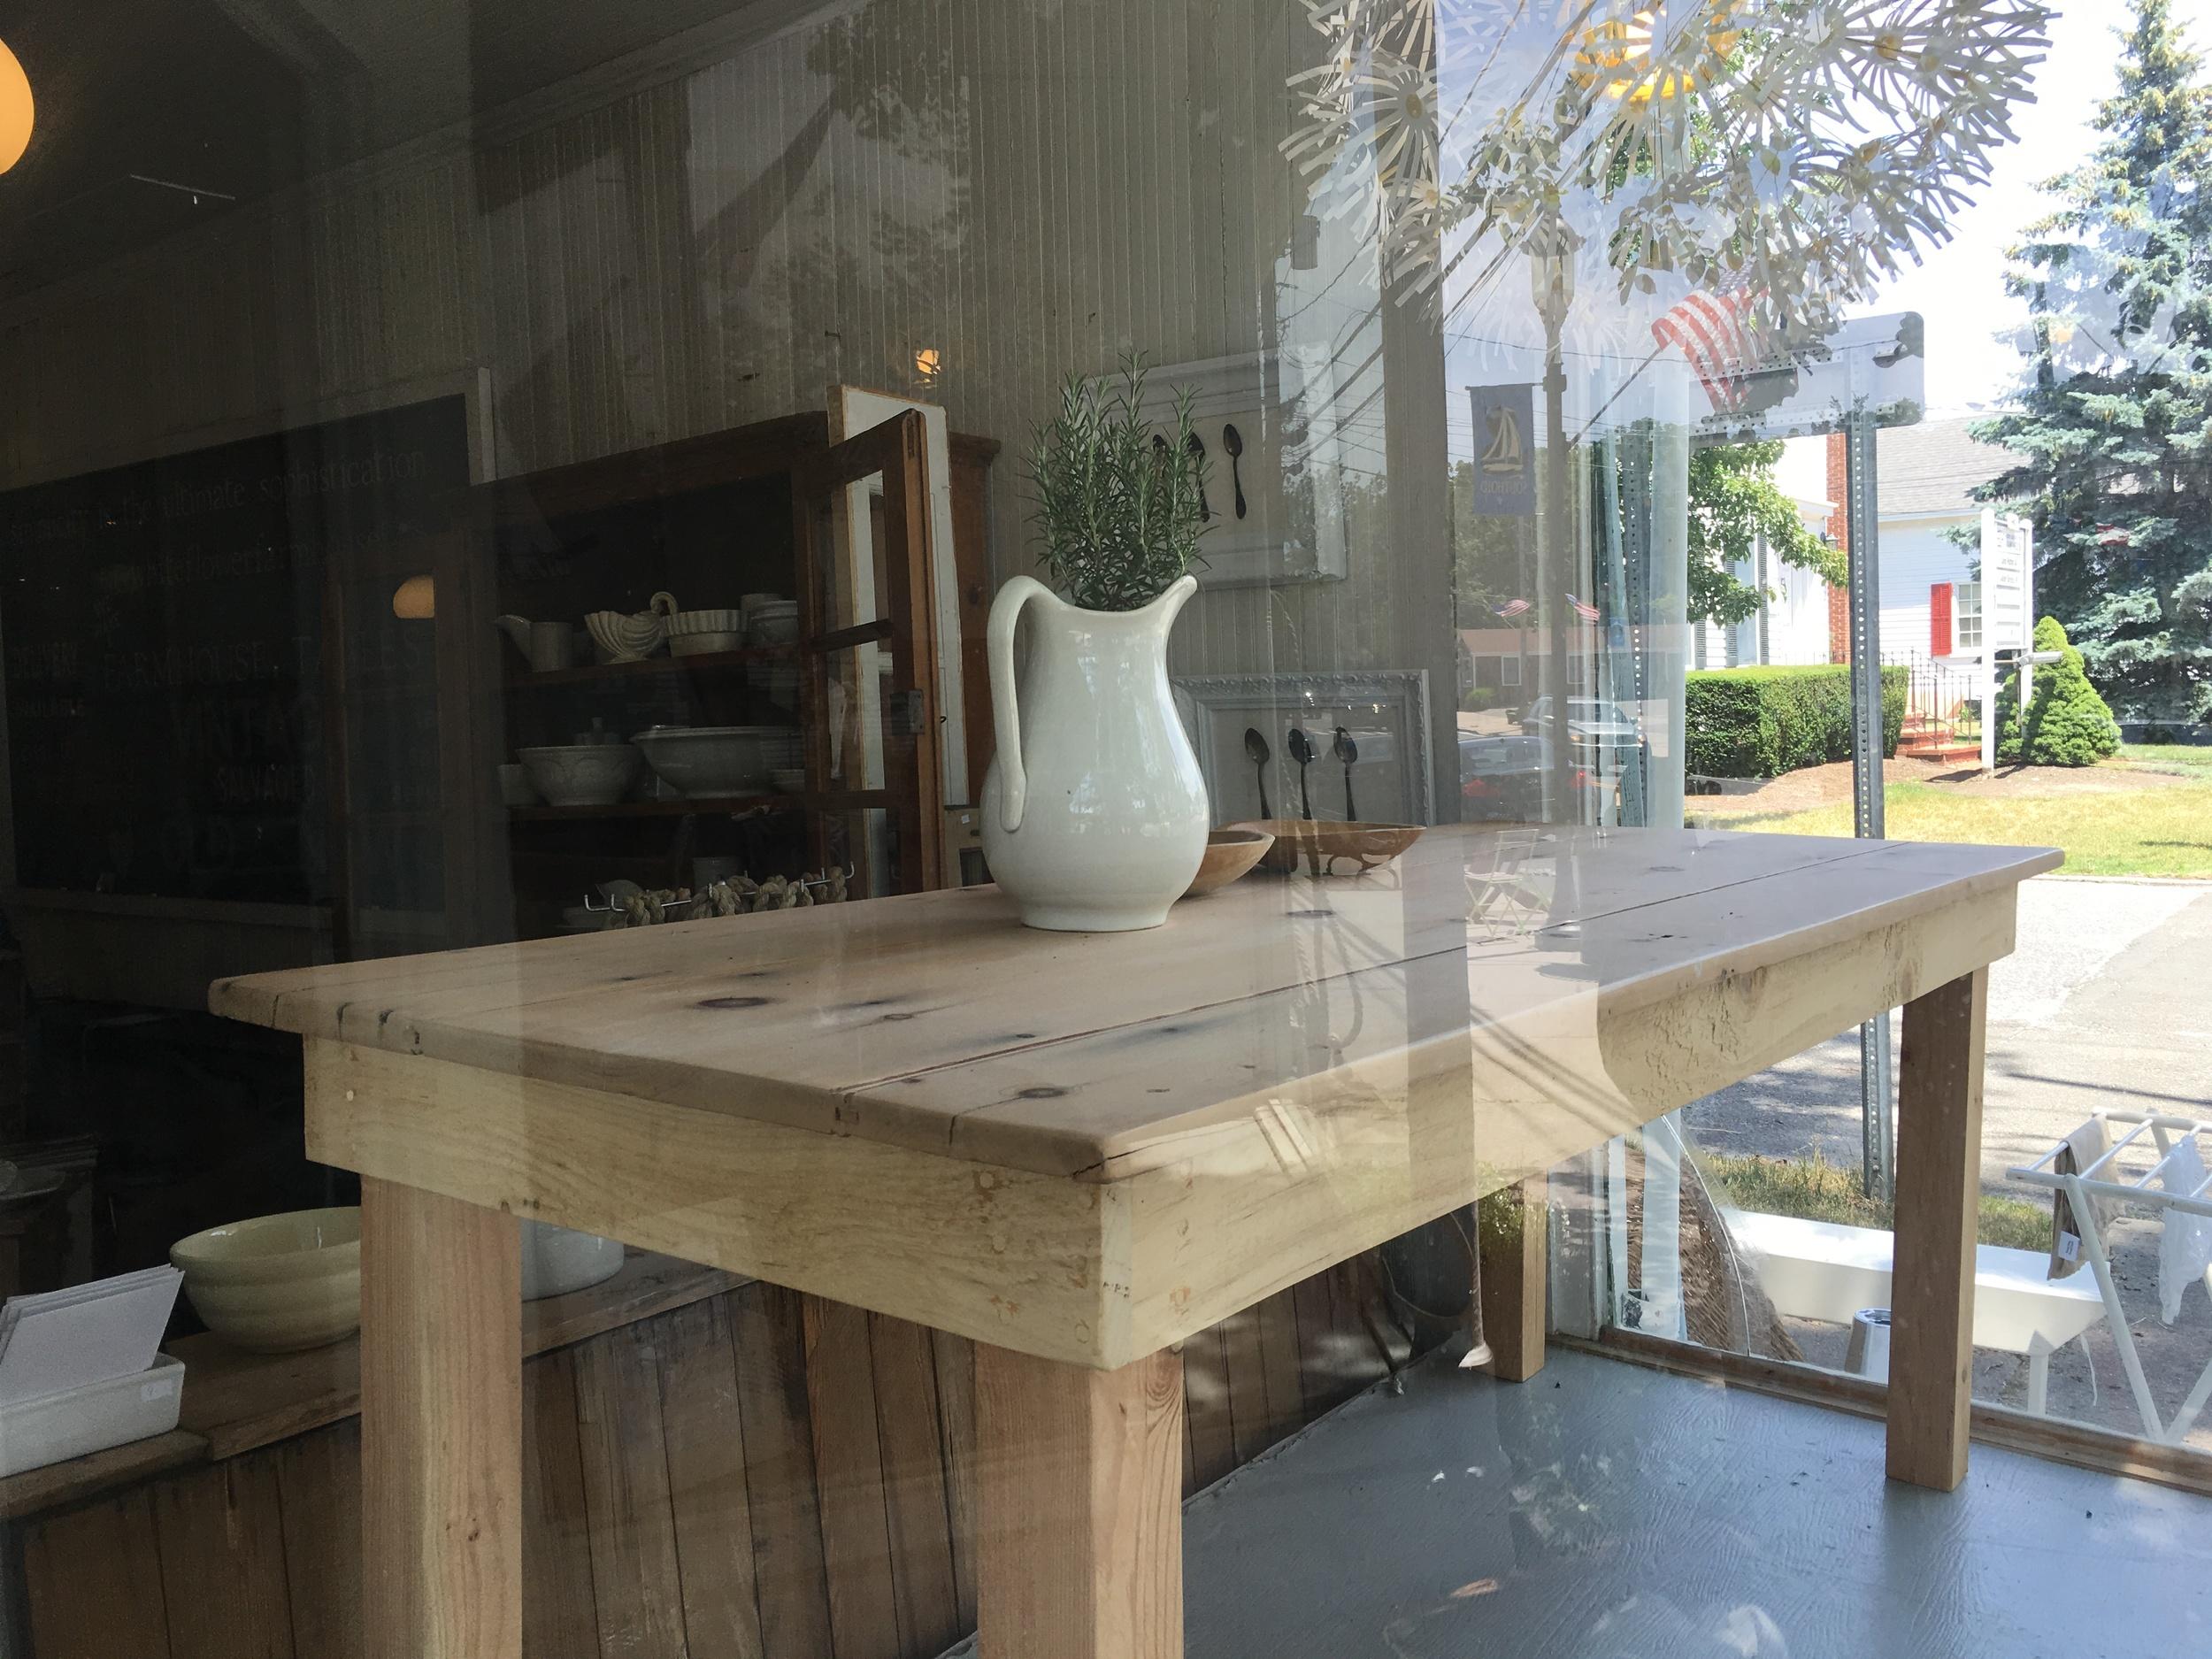 A white jug, fresh herbs and a Main Street view